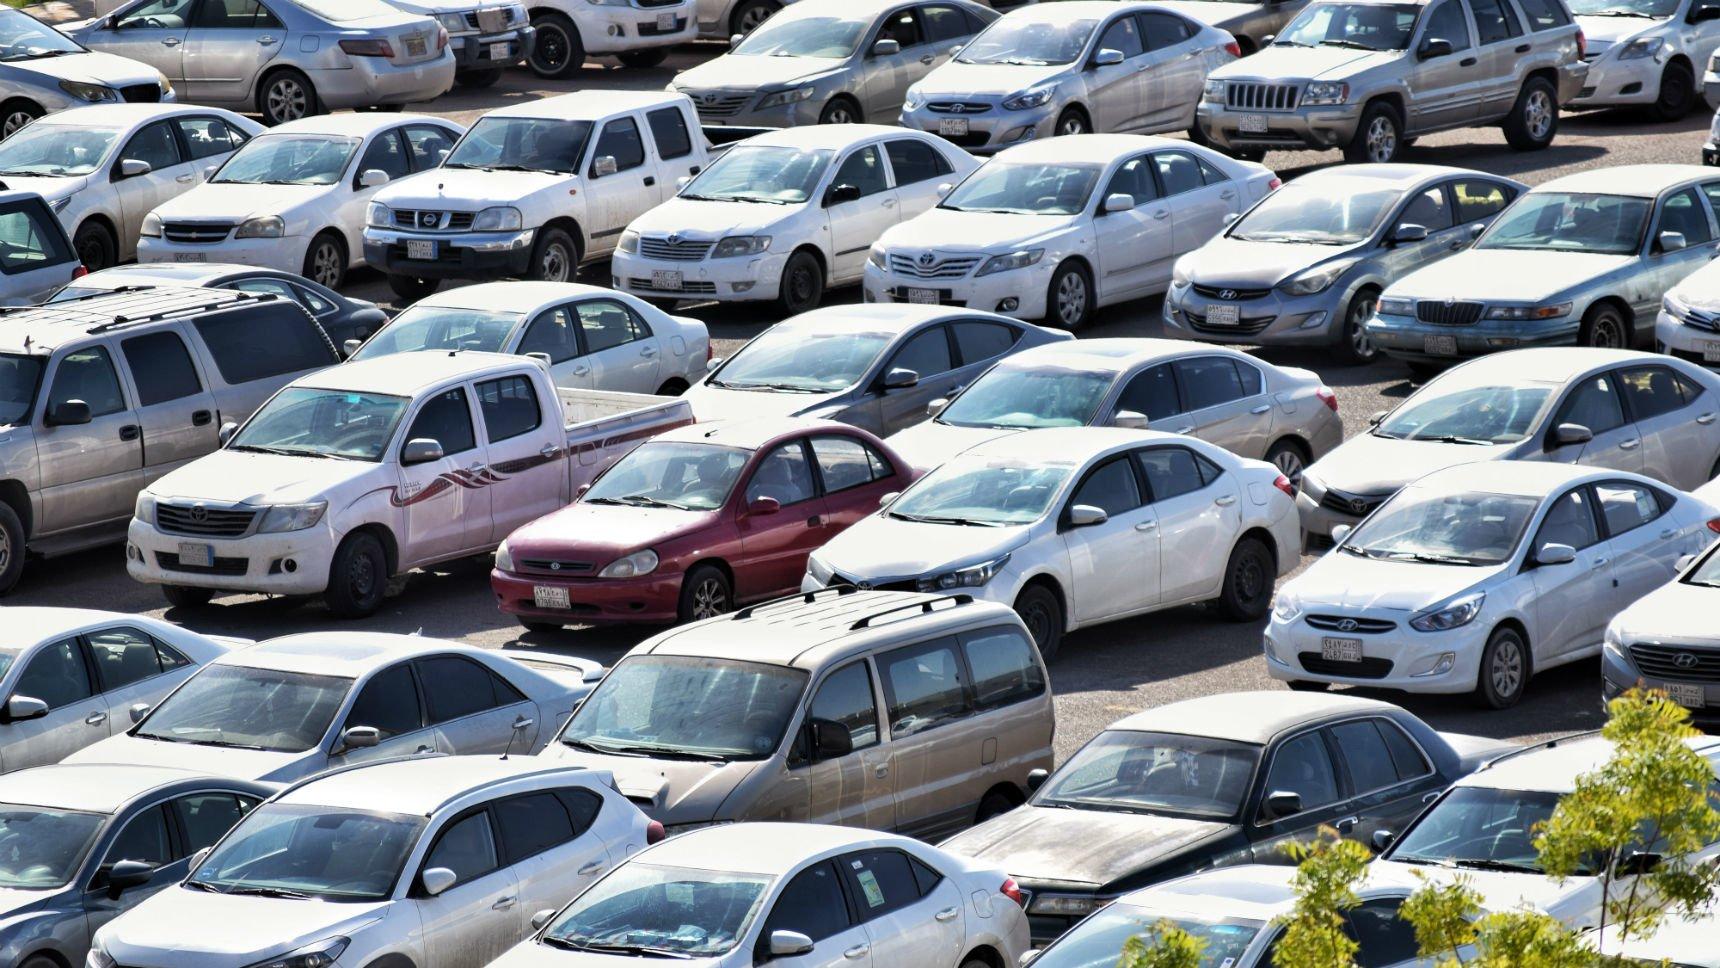 Продажи машин в России могут снизиться на 50%